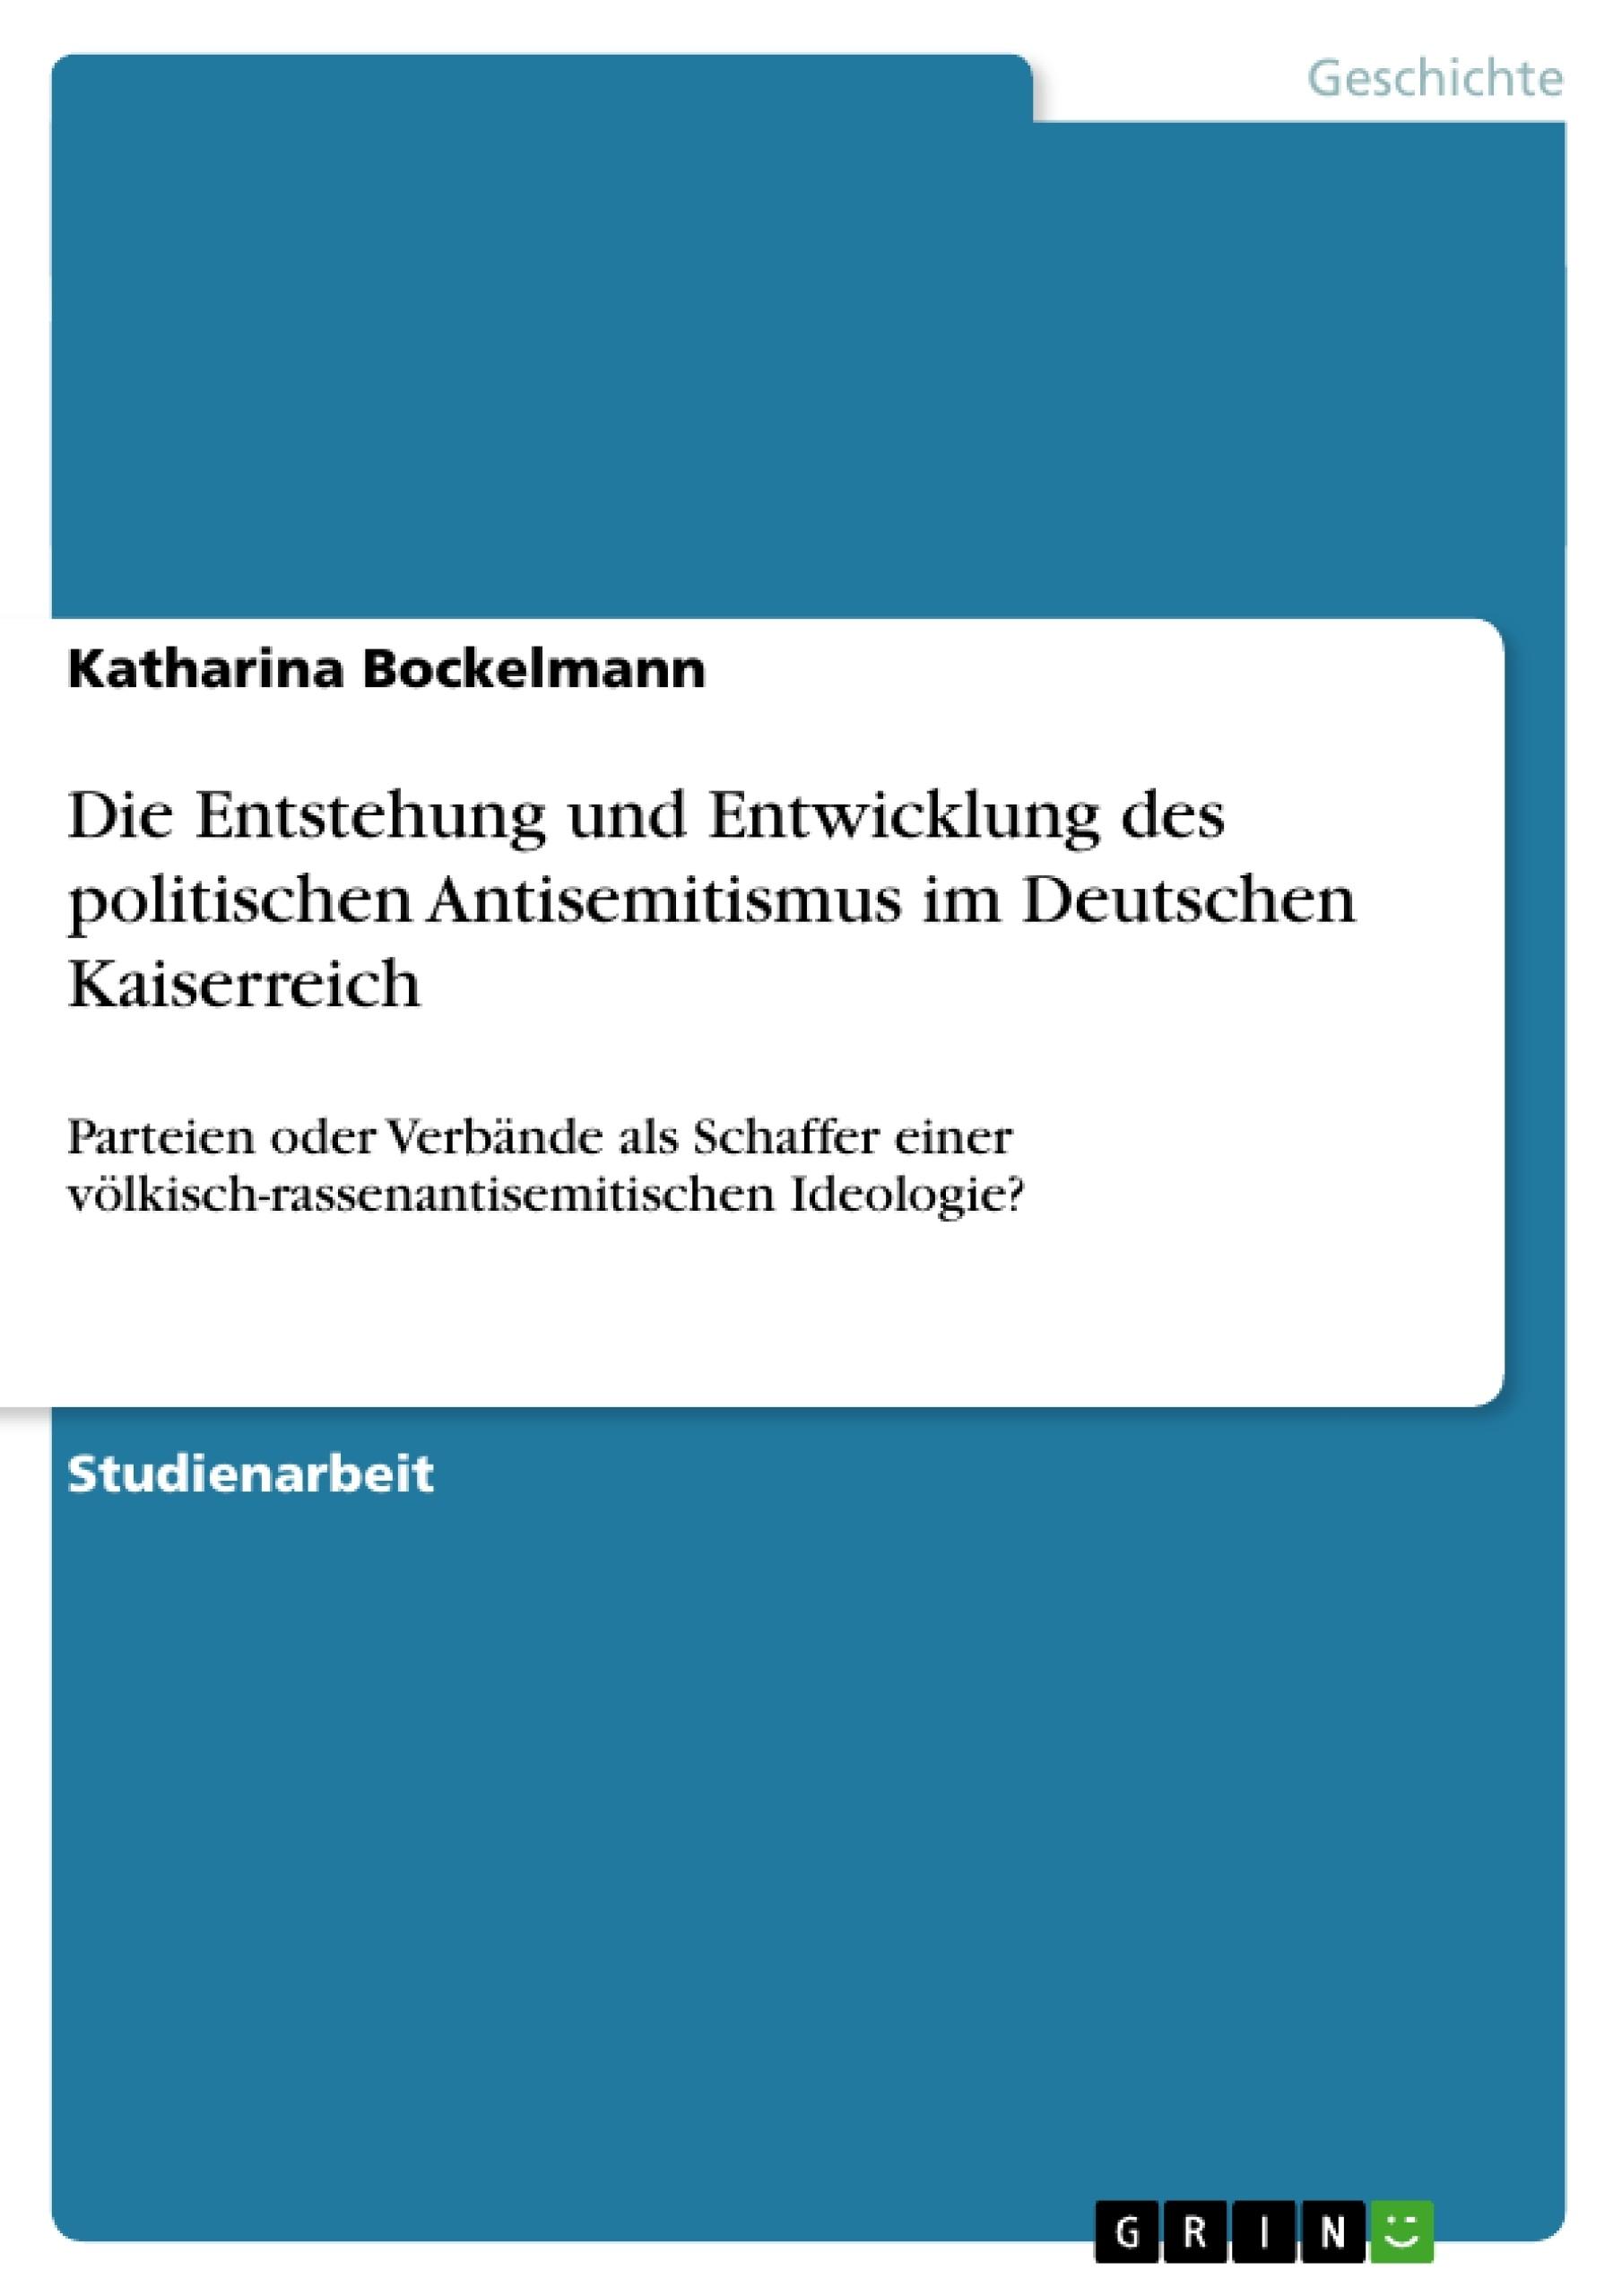 Titel: Die Entstehung und Entwicklung des politischen Antisemitismus im Deutschen Kaiserreich